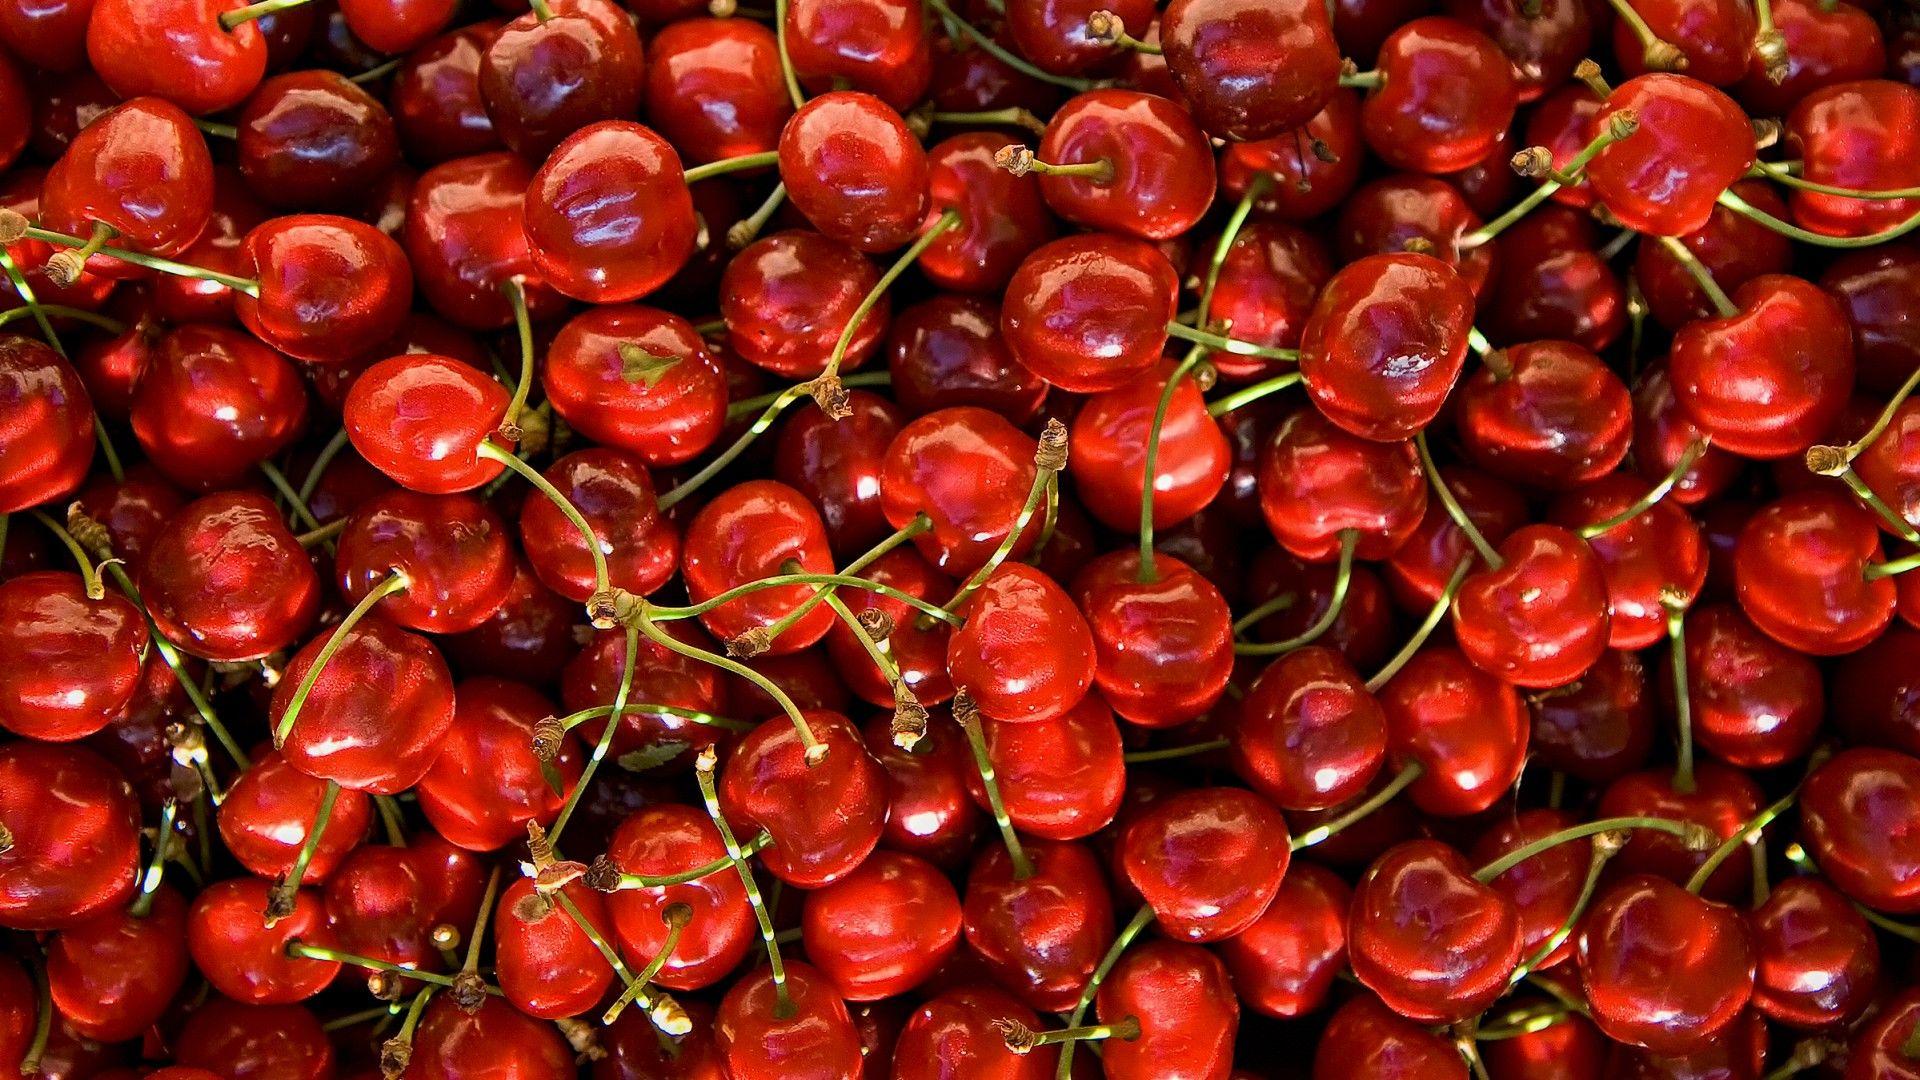 Cherries Cherry Fruits Hd Cherry Fruit Fruit Cherry Hd wallpaper red fruit cherries berries